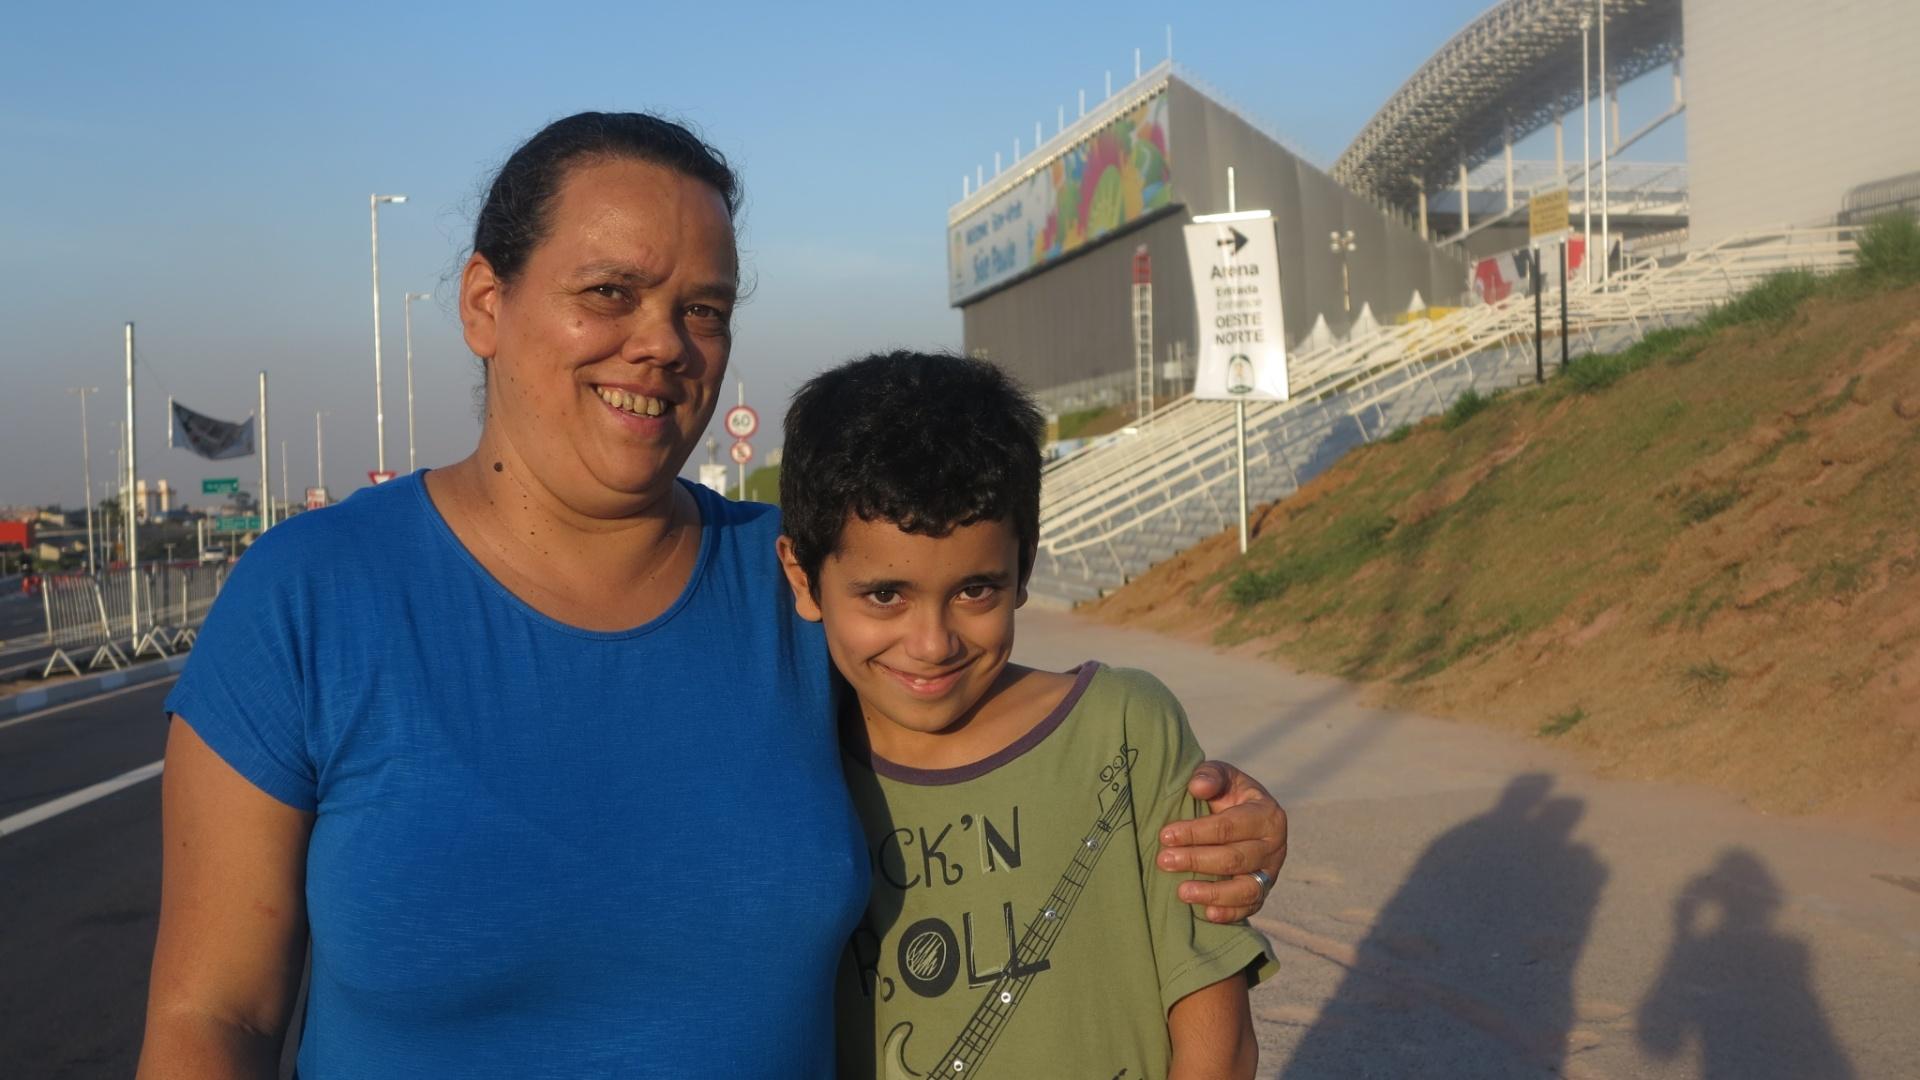 Moradores da Penha aproveitam para tirar fotos do Itaquerão, novo ponto turístico da zona Leste de São Paulo.